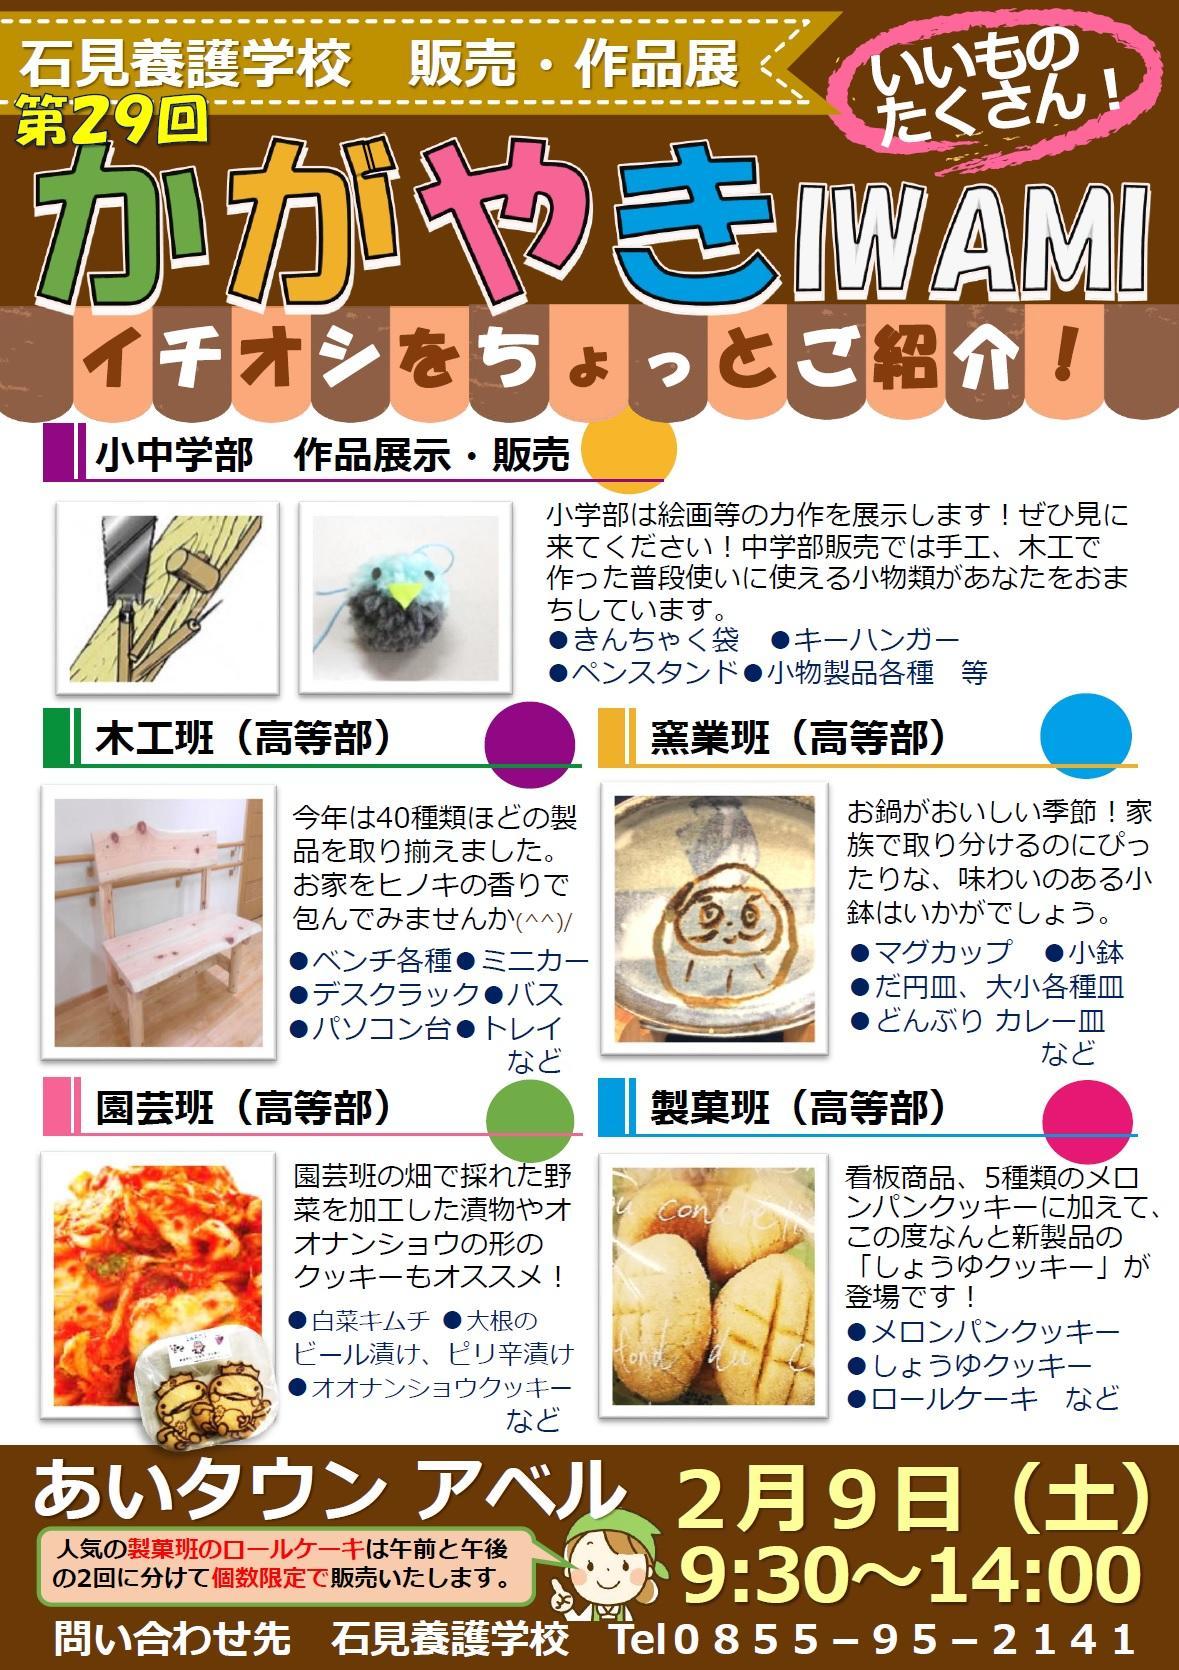 30kagayaki-1.jpg